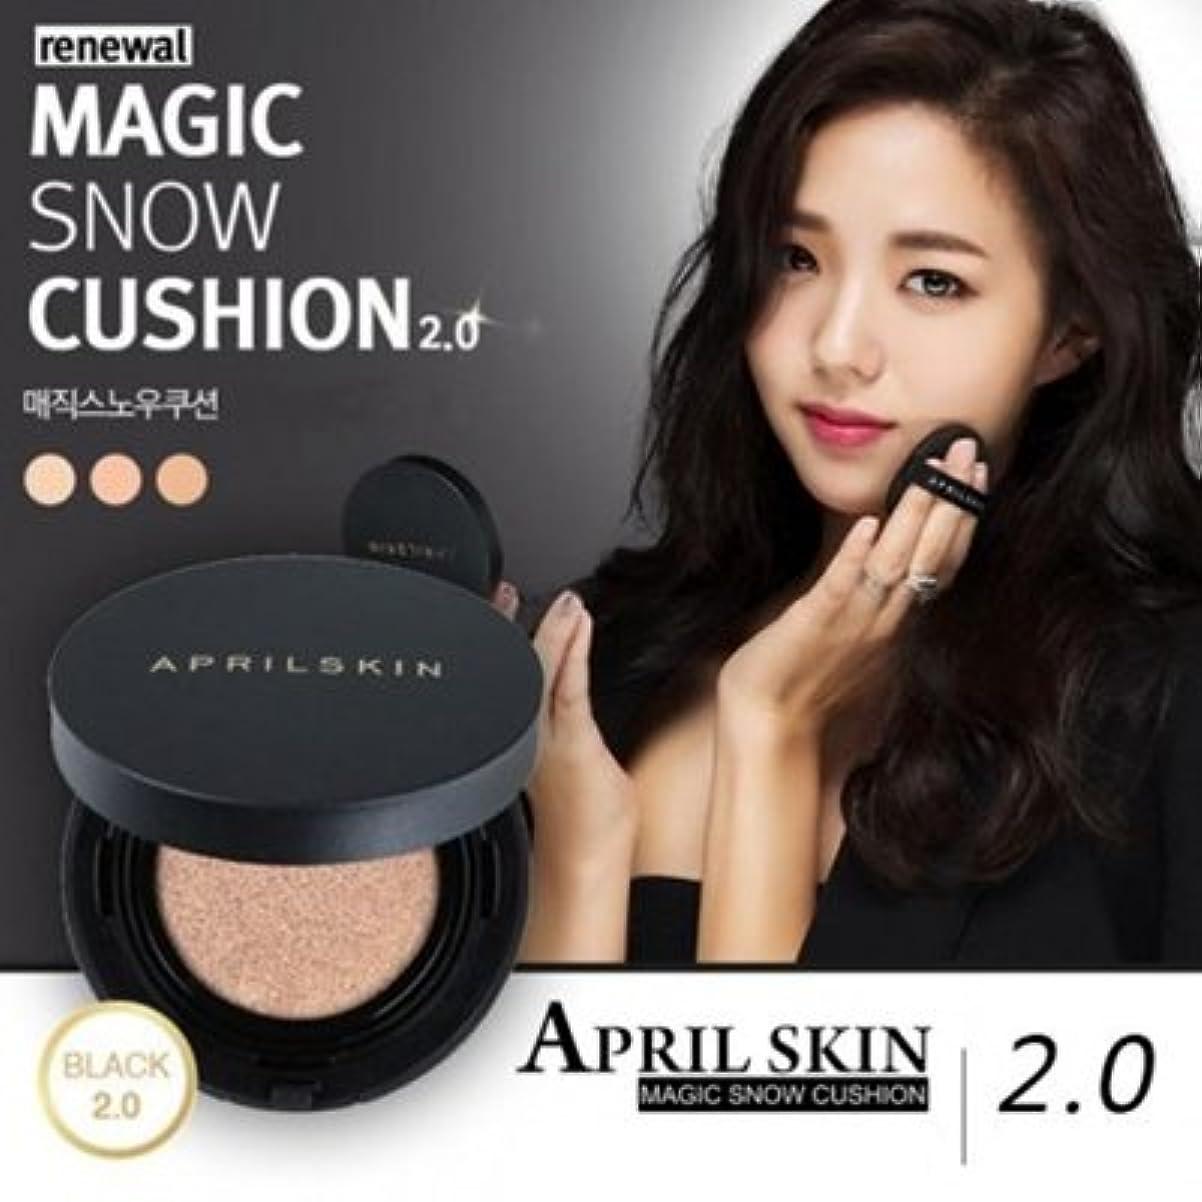 タックルまだ収束する[April Skin]韓国クッション部門1位!NEW!!★Magic Snow Cushion Black 2.0★/w Gift Sample (#23 Natural Beige) [並行輸入品]